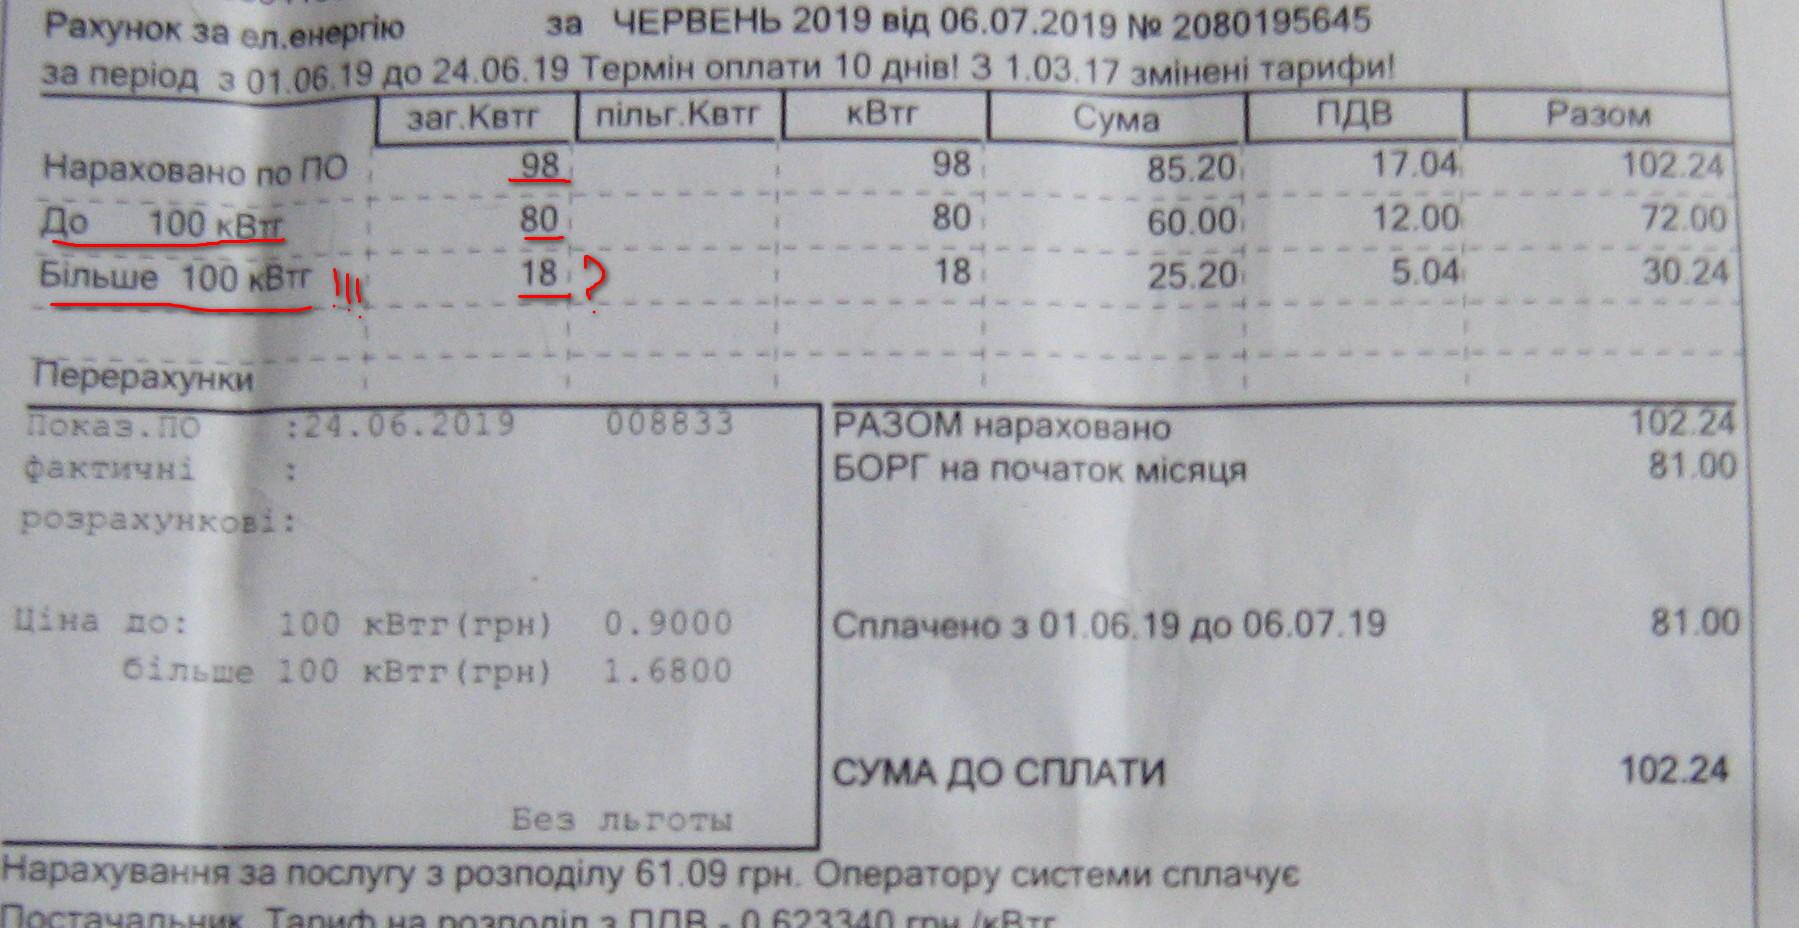 Харьковоблэнерго - мошенники